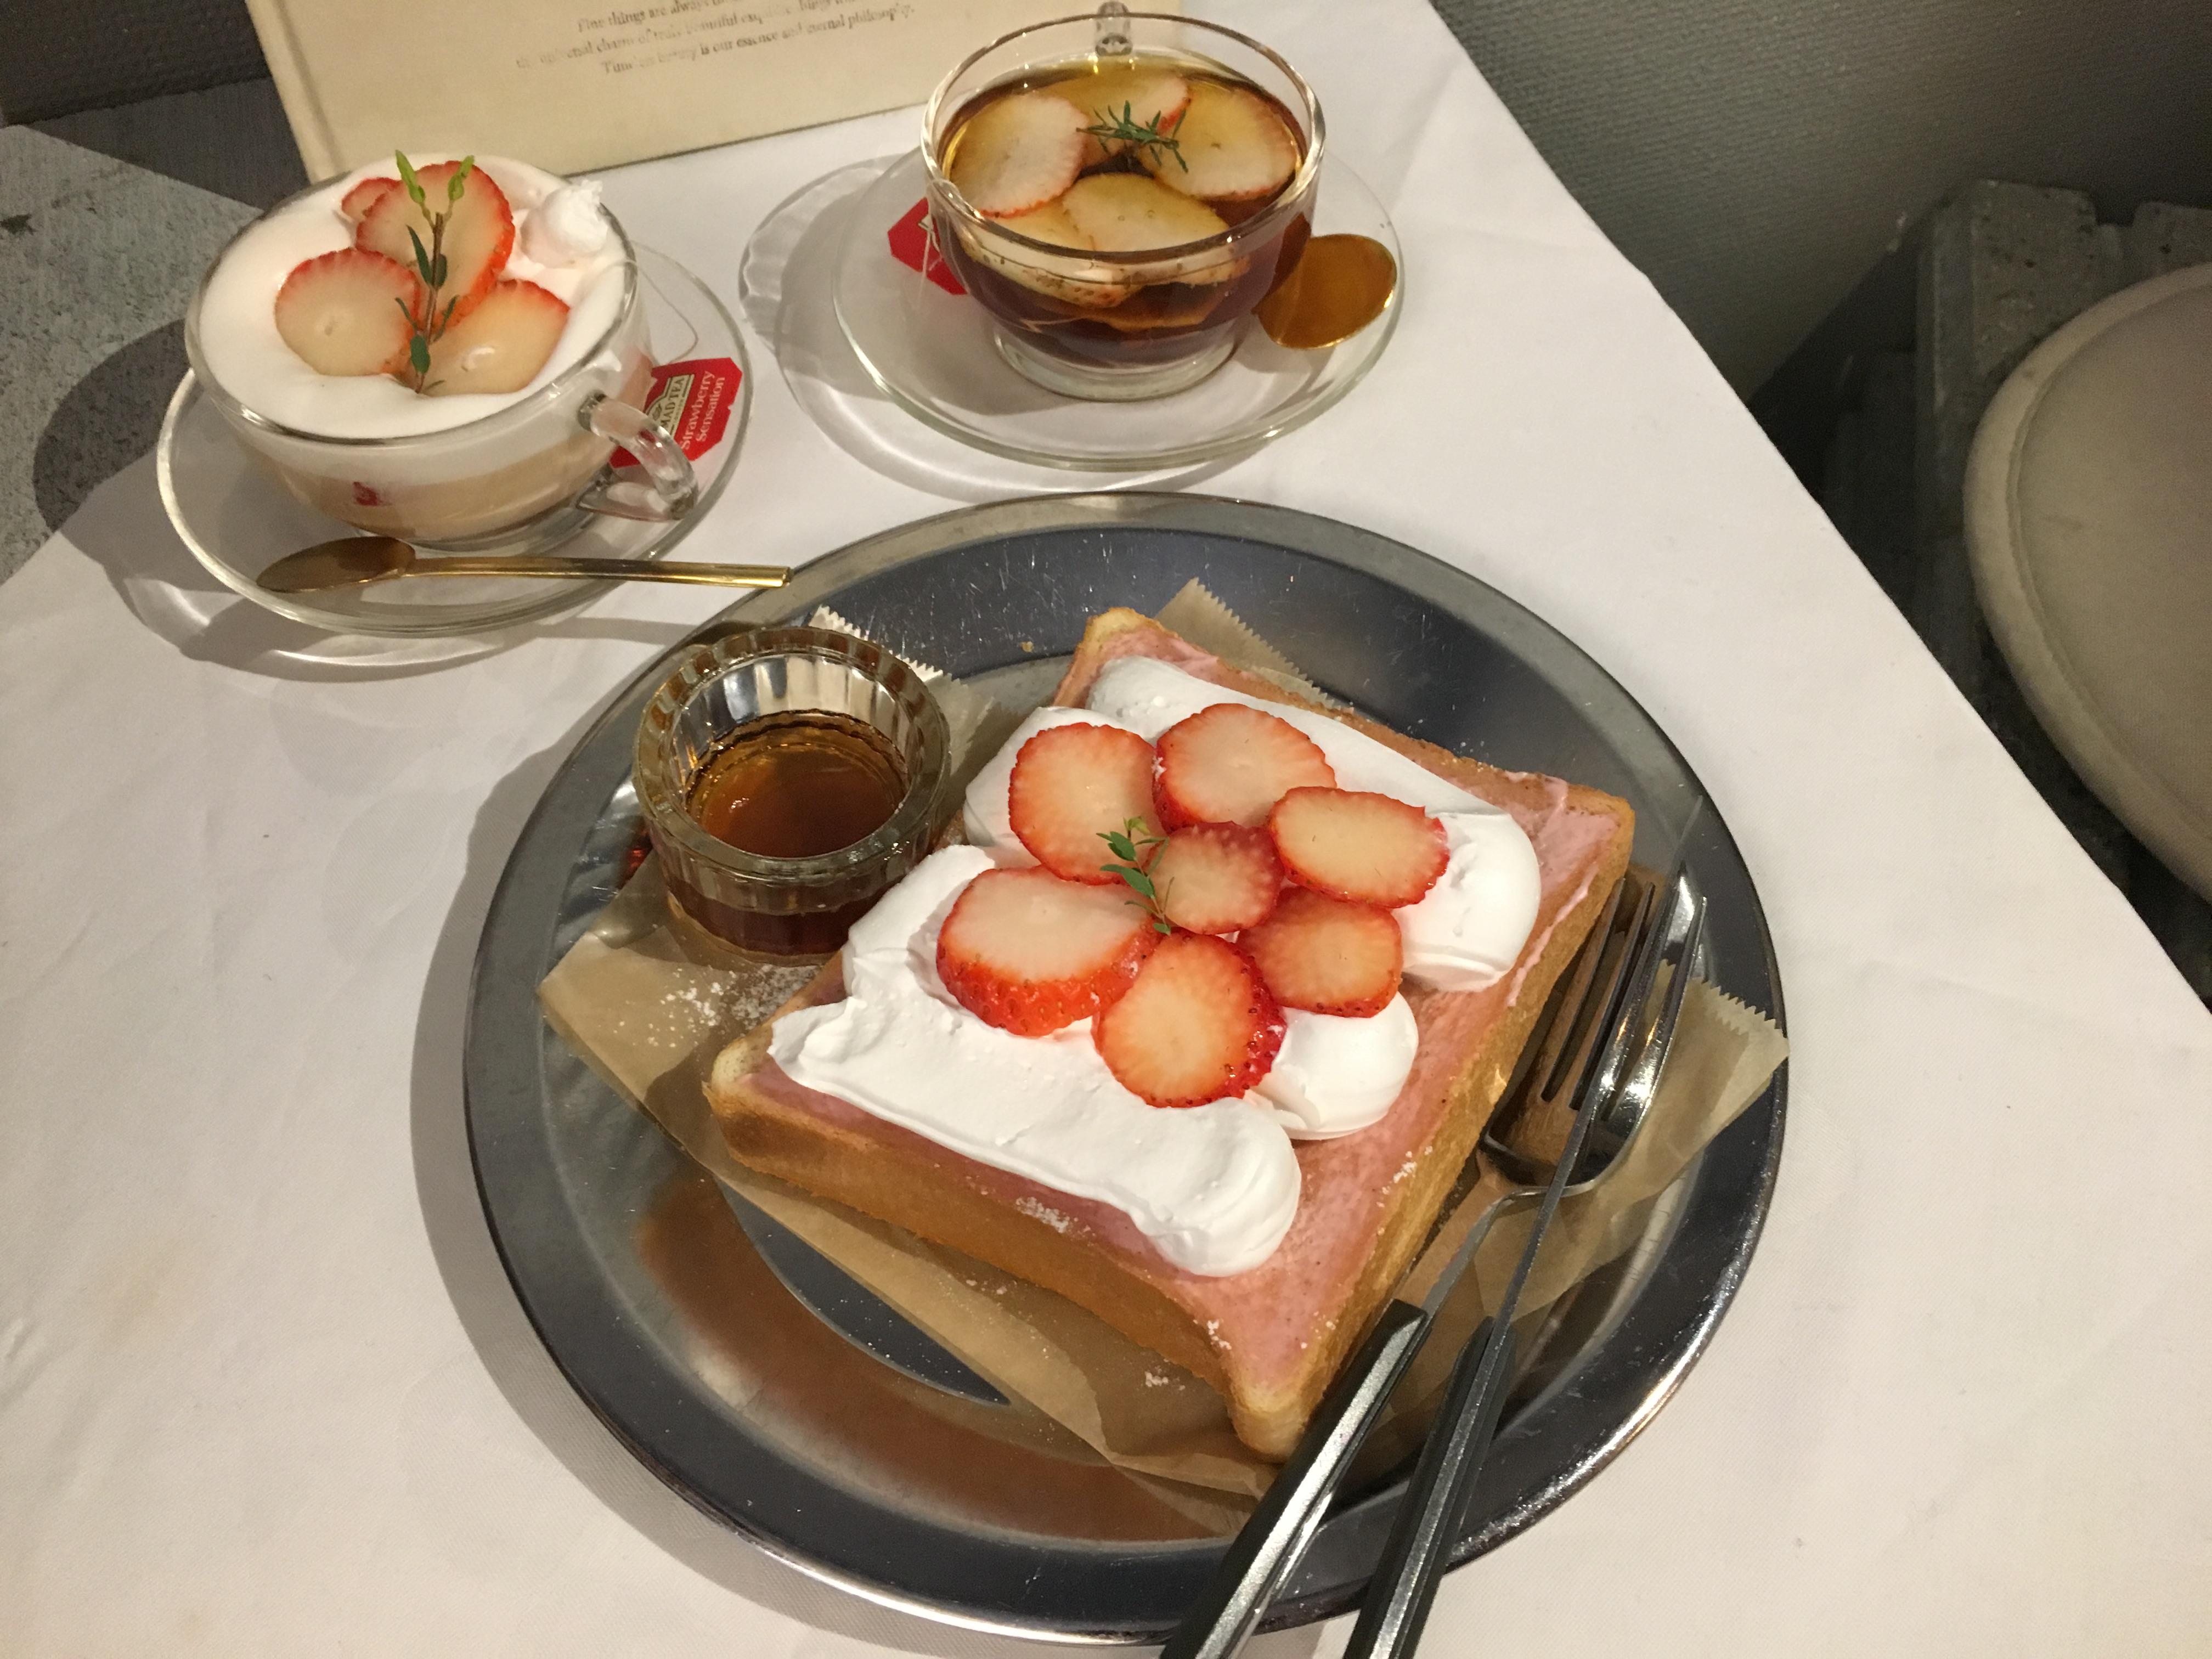 《京都グルメ女子旅》かわいい&おいしいを求めて!いちごシーズンの食い倒れプラン_4